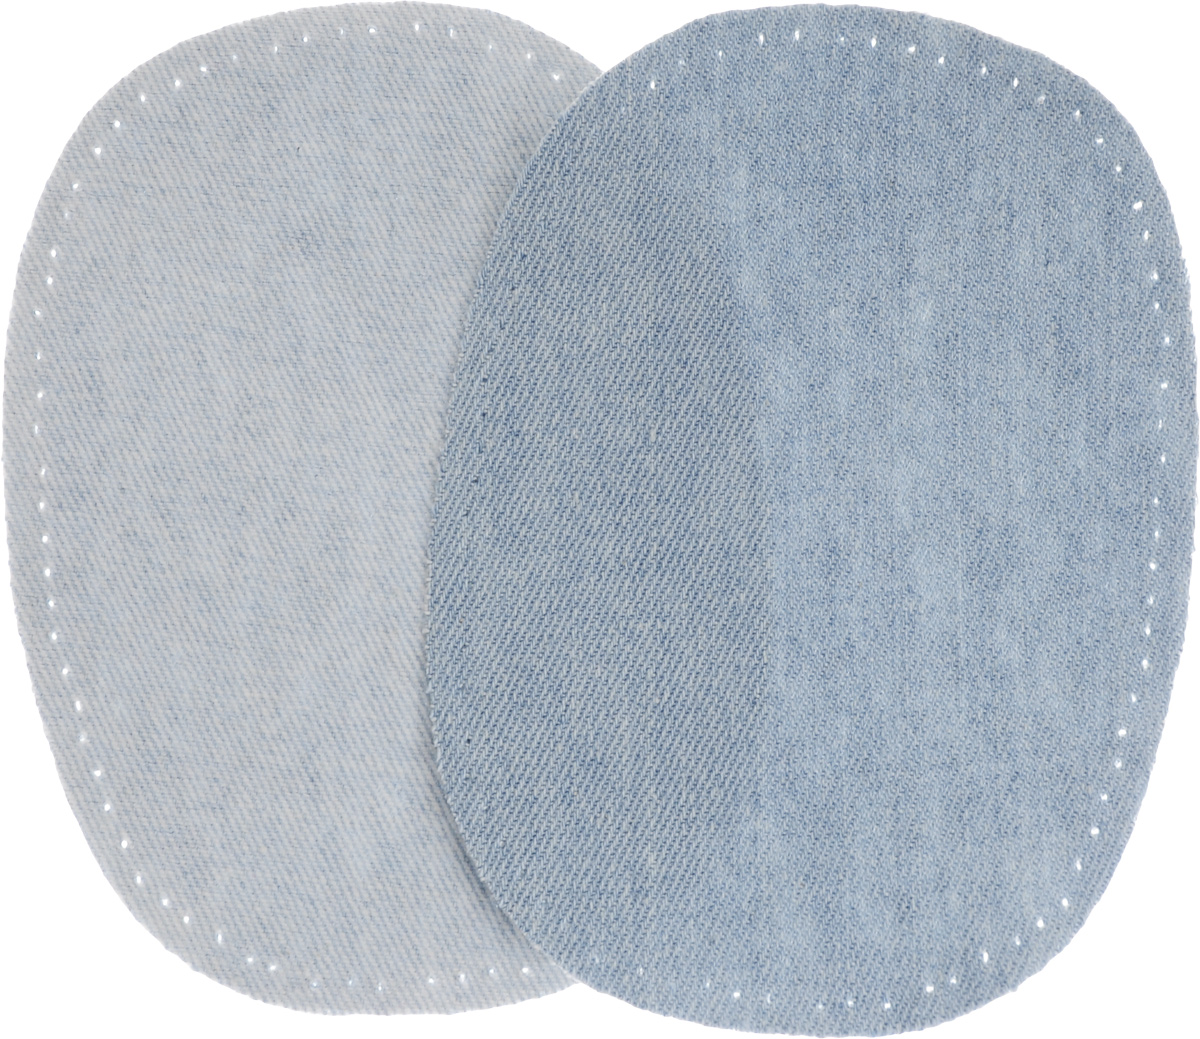 Заплатка термоклеевая Prym, 10 х 14 см, 2 шт заплатка для одежды 20y12708 20pcs lot 88 75